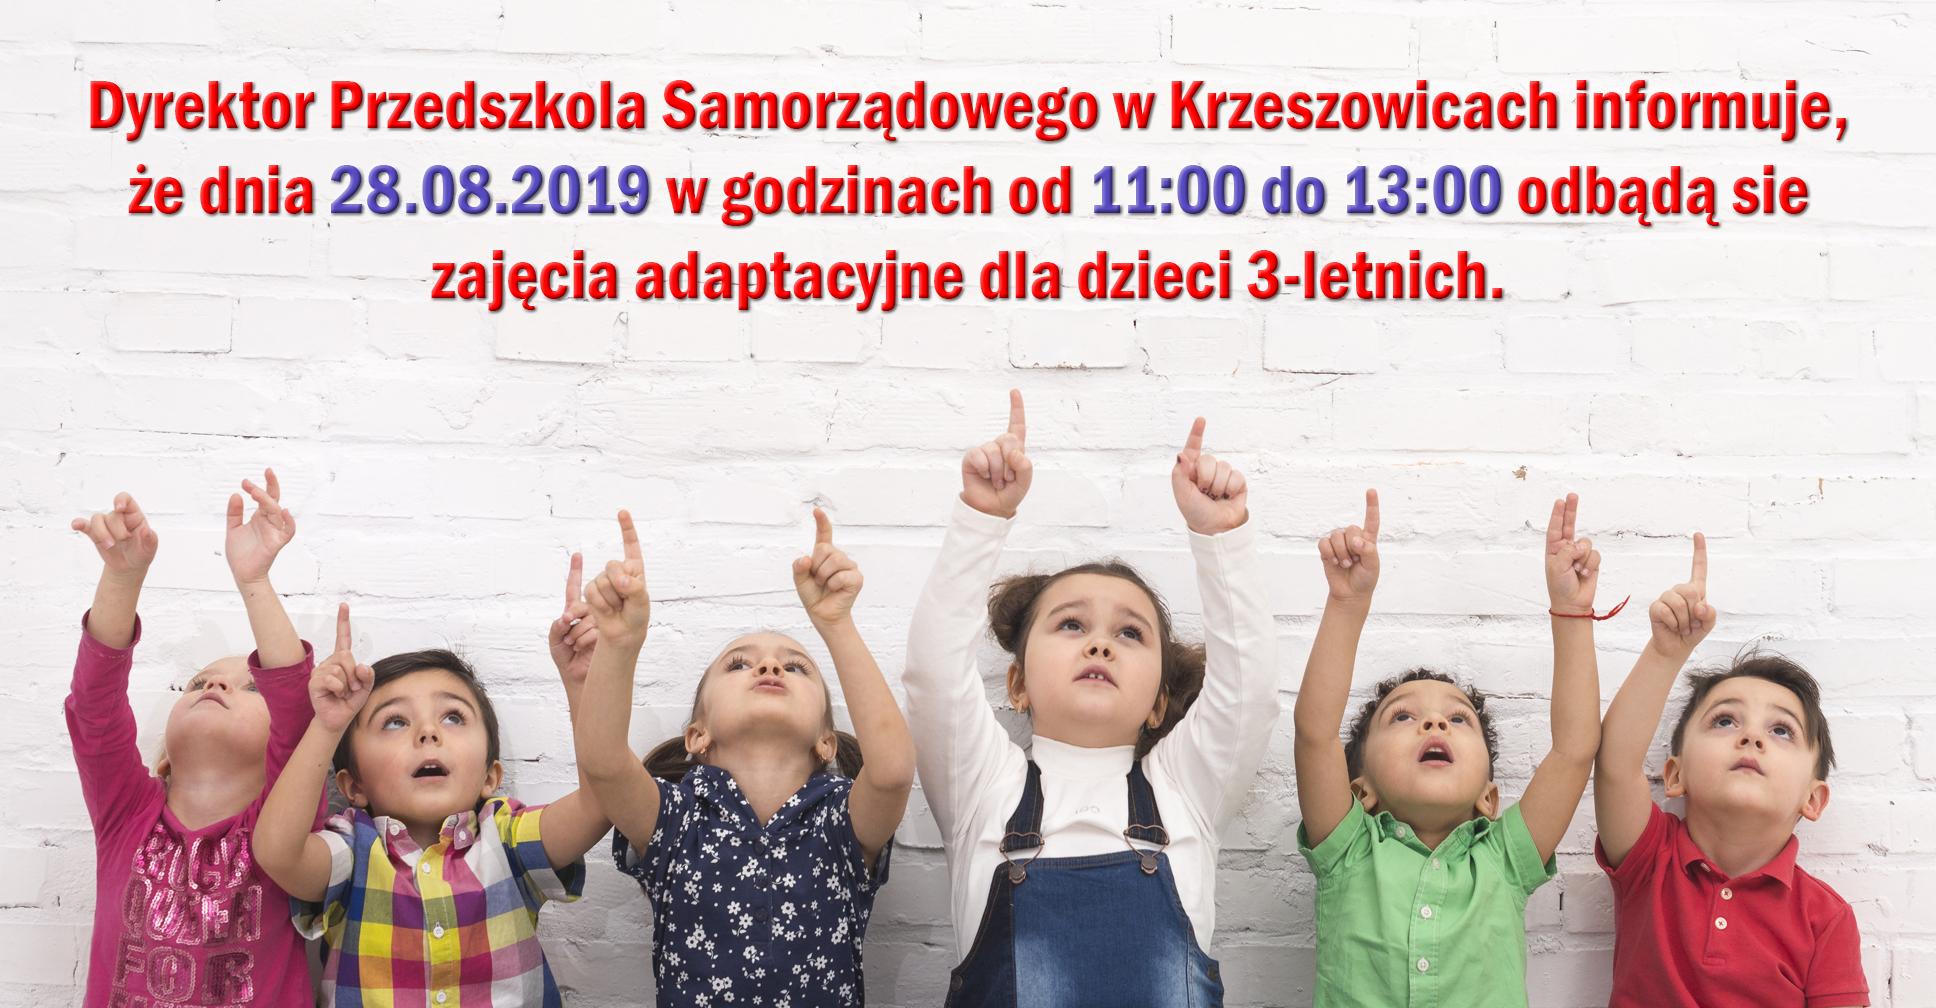 Dyrektor Przedszkola Samorządowego w Krzeszowicach informuje, że dnia 28.08.2019 w godzinach od 11:00 do 13:00 odbądą sie zajęcia adaptacyjne dla dzieci 3-letnich